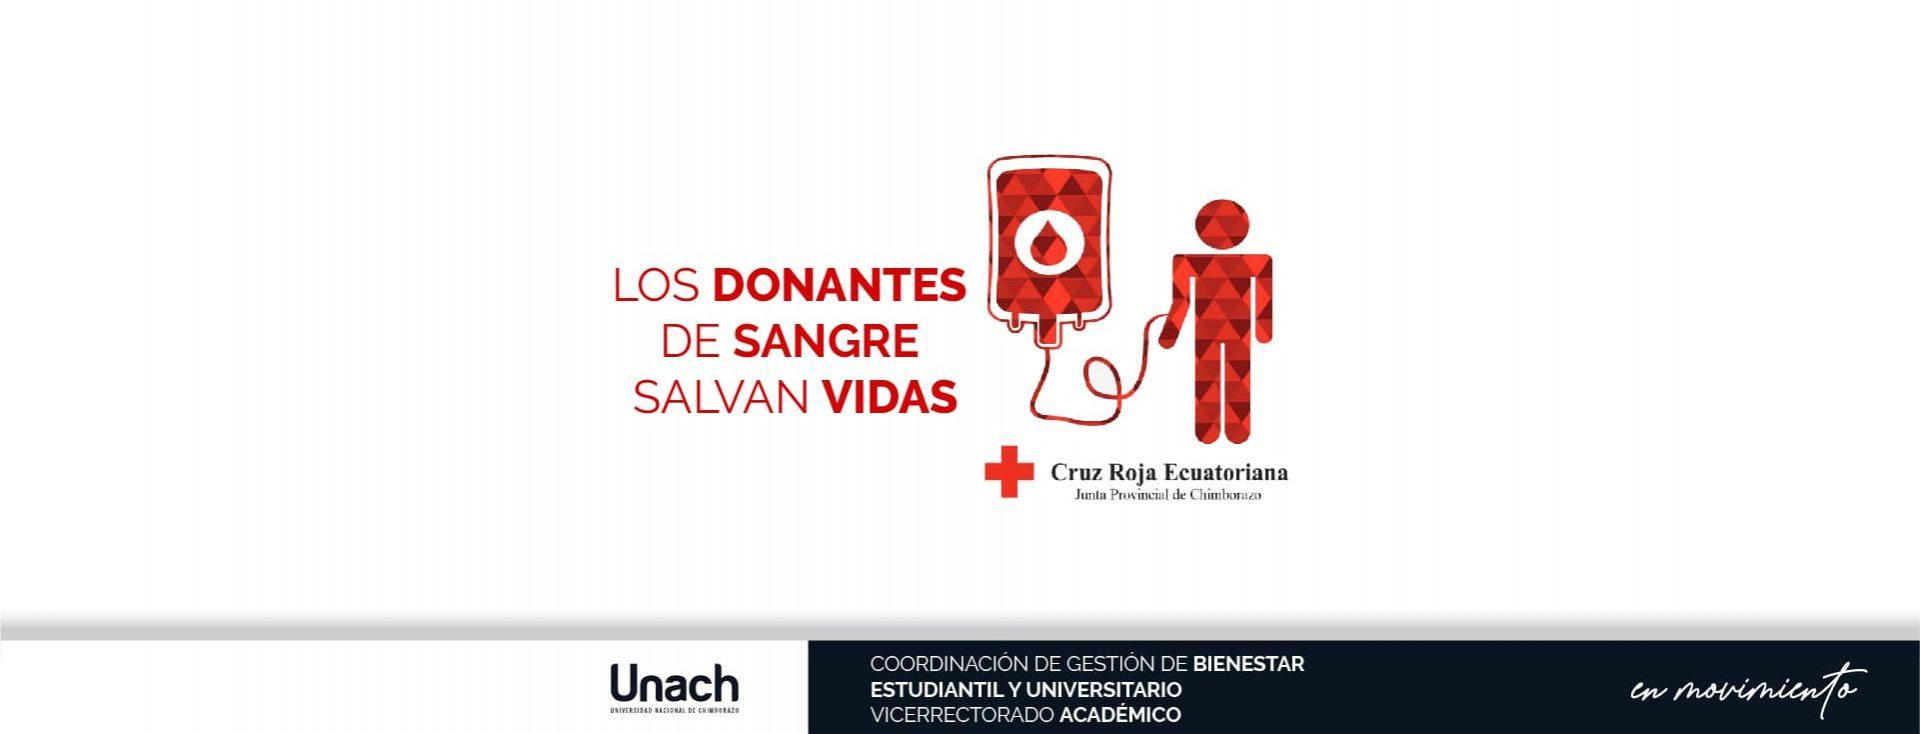 CAMPAÑA DE DONACIÓN DE SANGRE